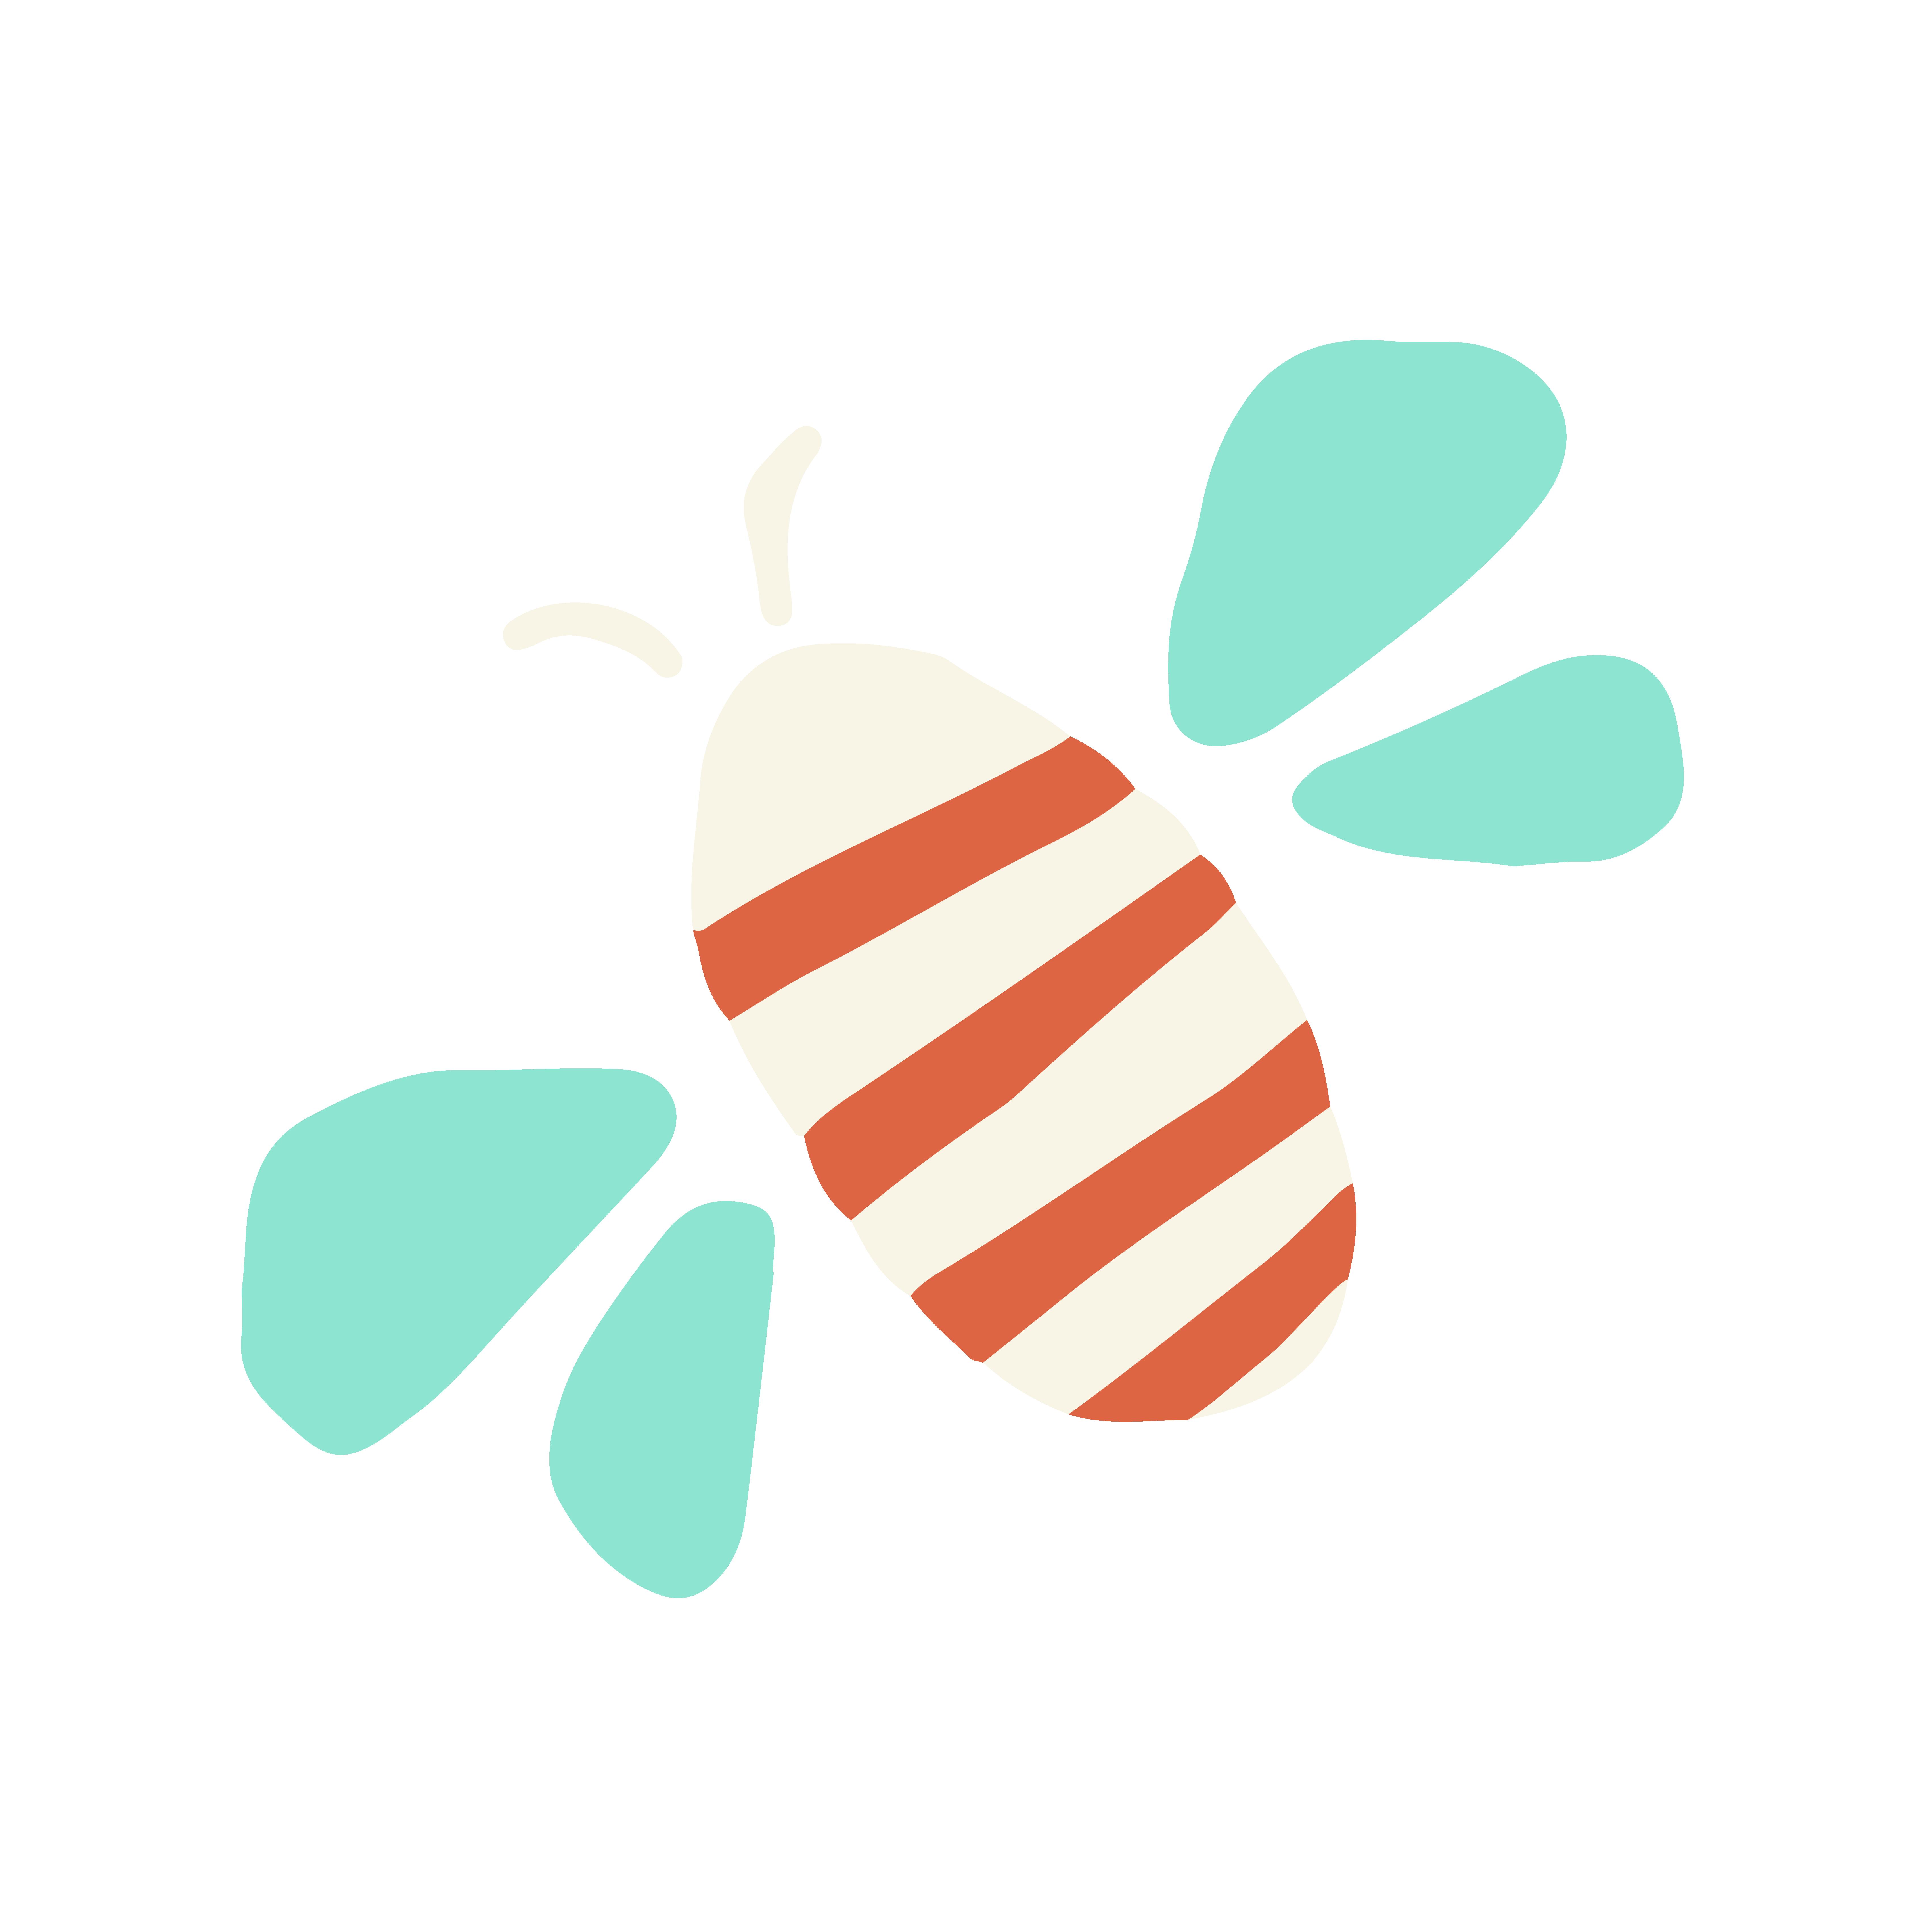 Stilisierte Zeichnung einer Biene